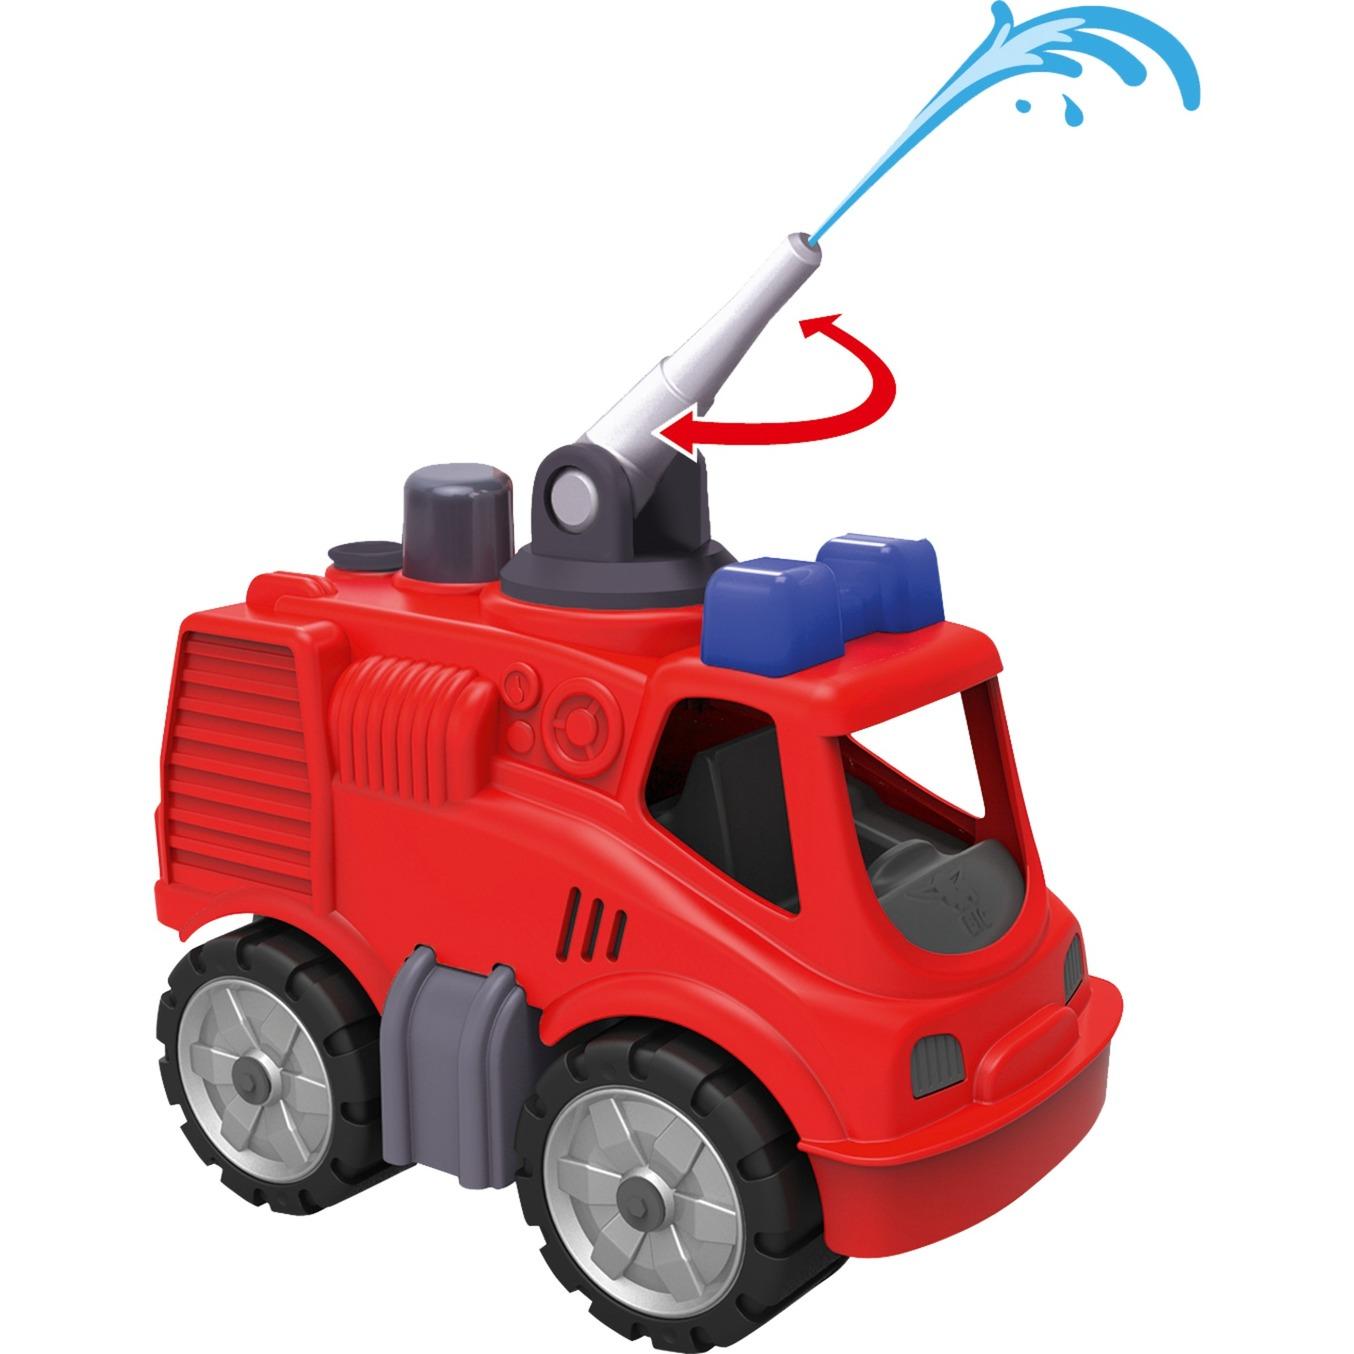 800055807 vehículo de juguete